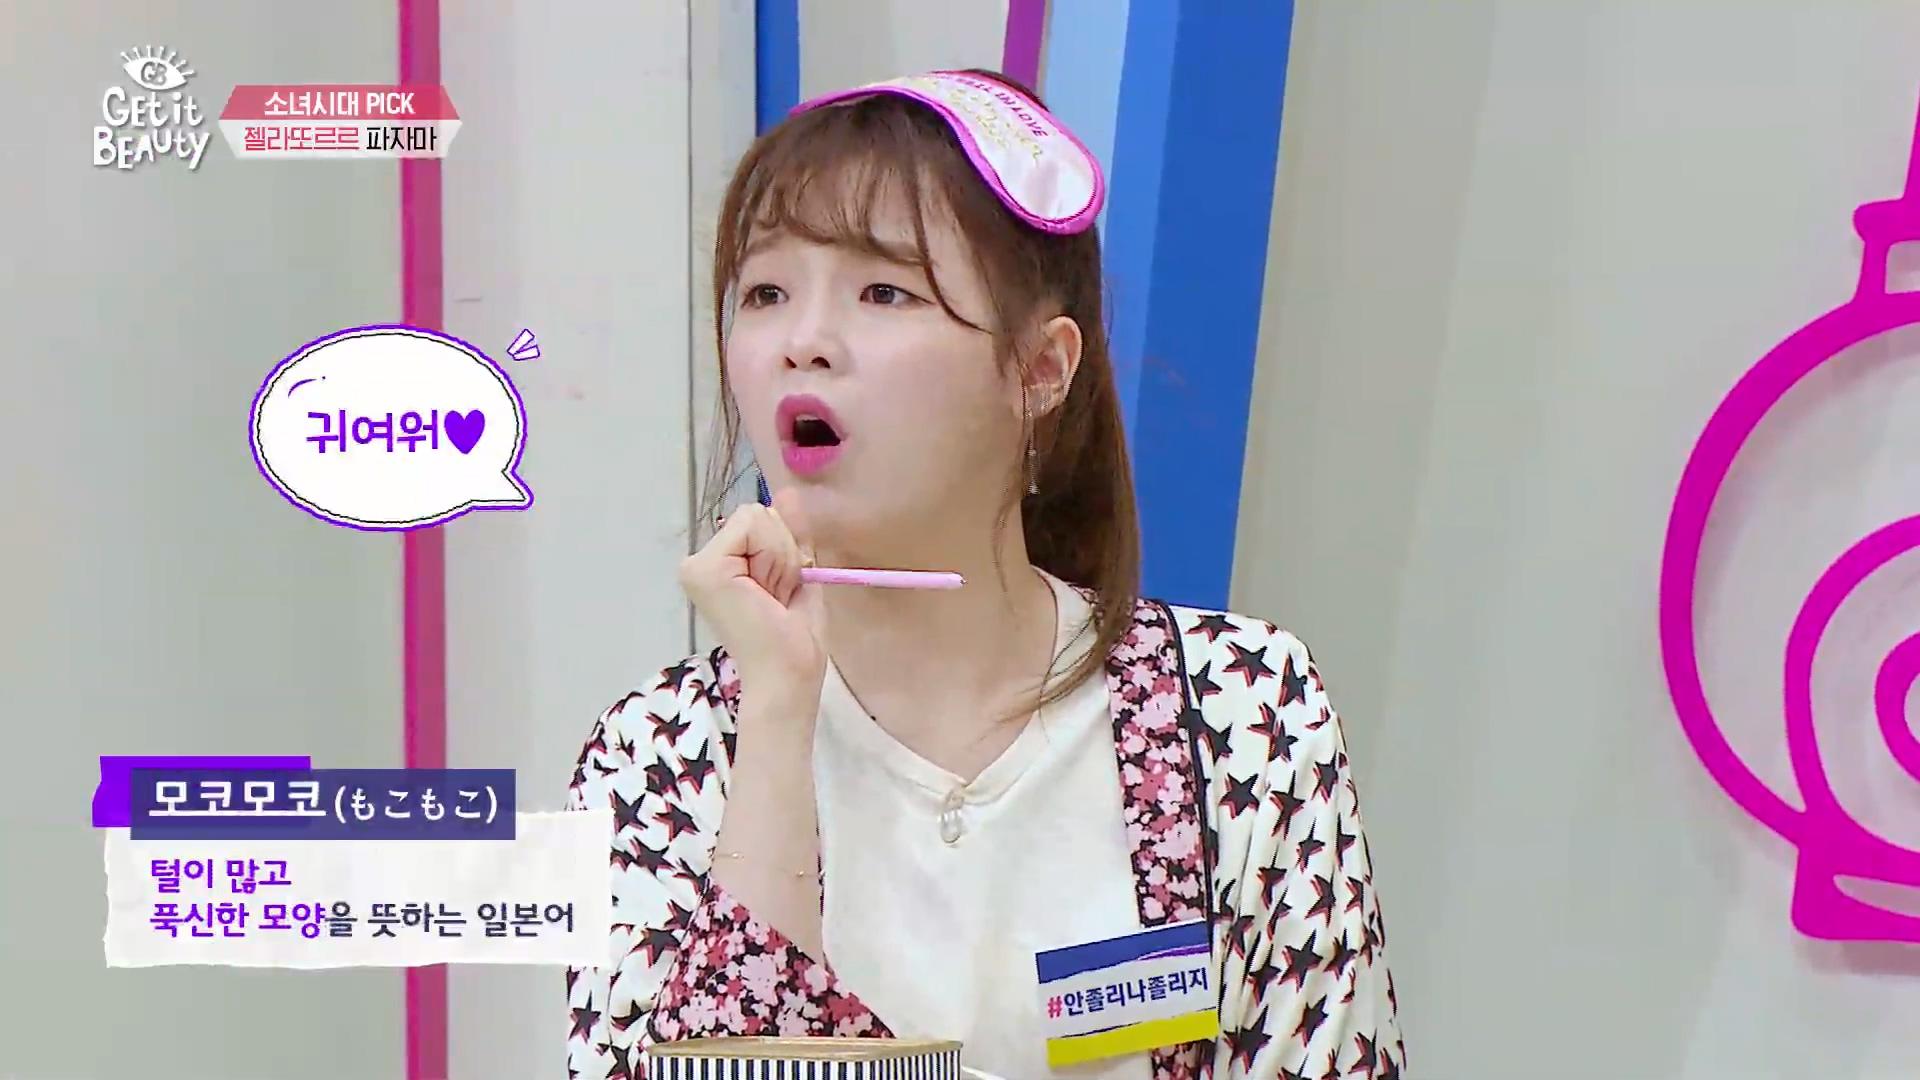 더 커진 신상임당 스케일! 밤에도 예쁨♥ 충전해 줄 꿀잠템 대공개!